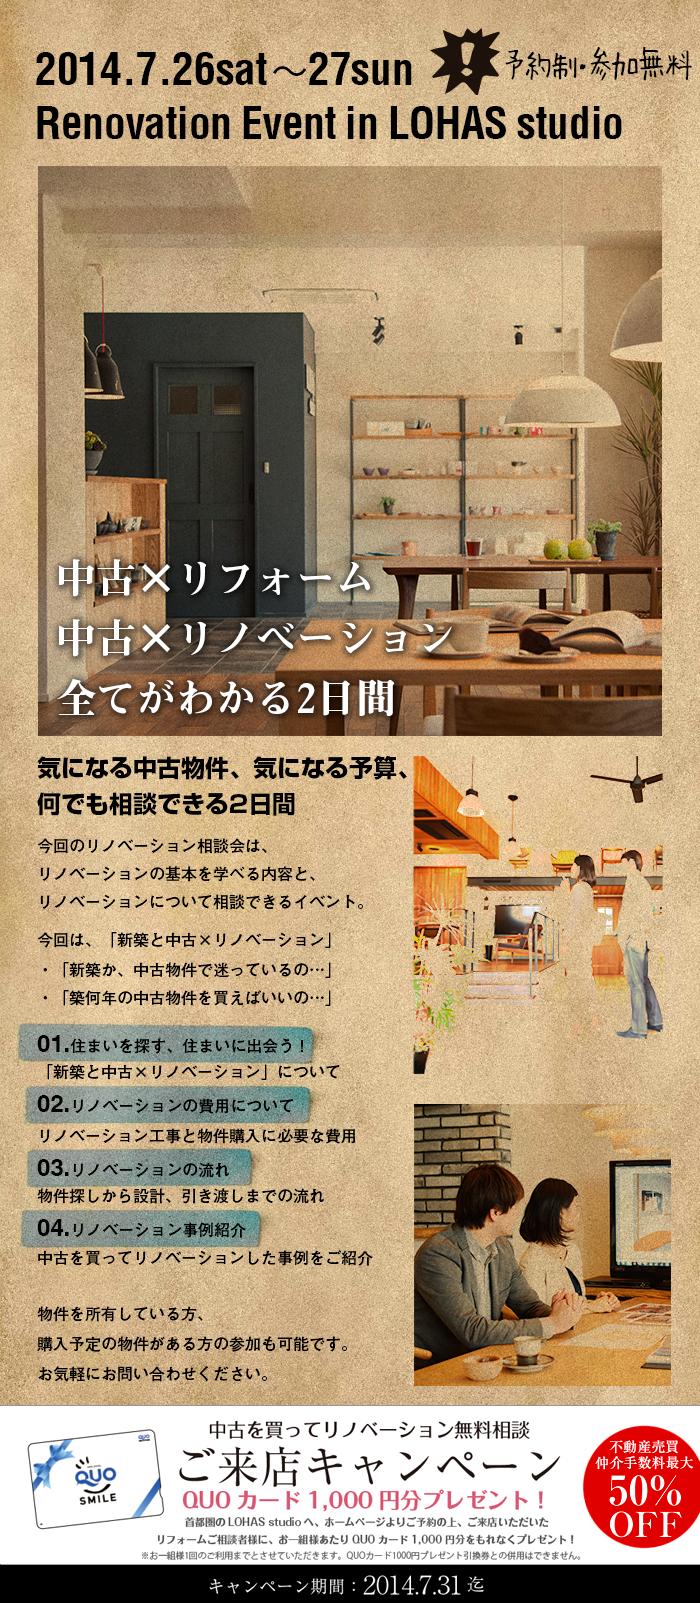 201407yoyaku_event26-27.png